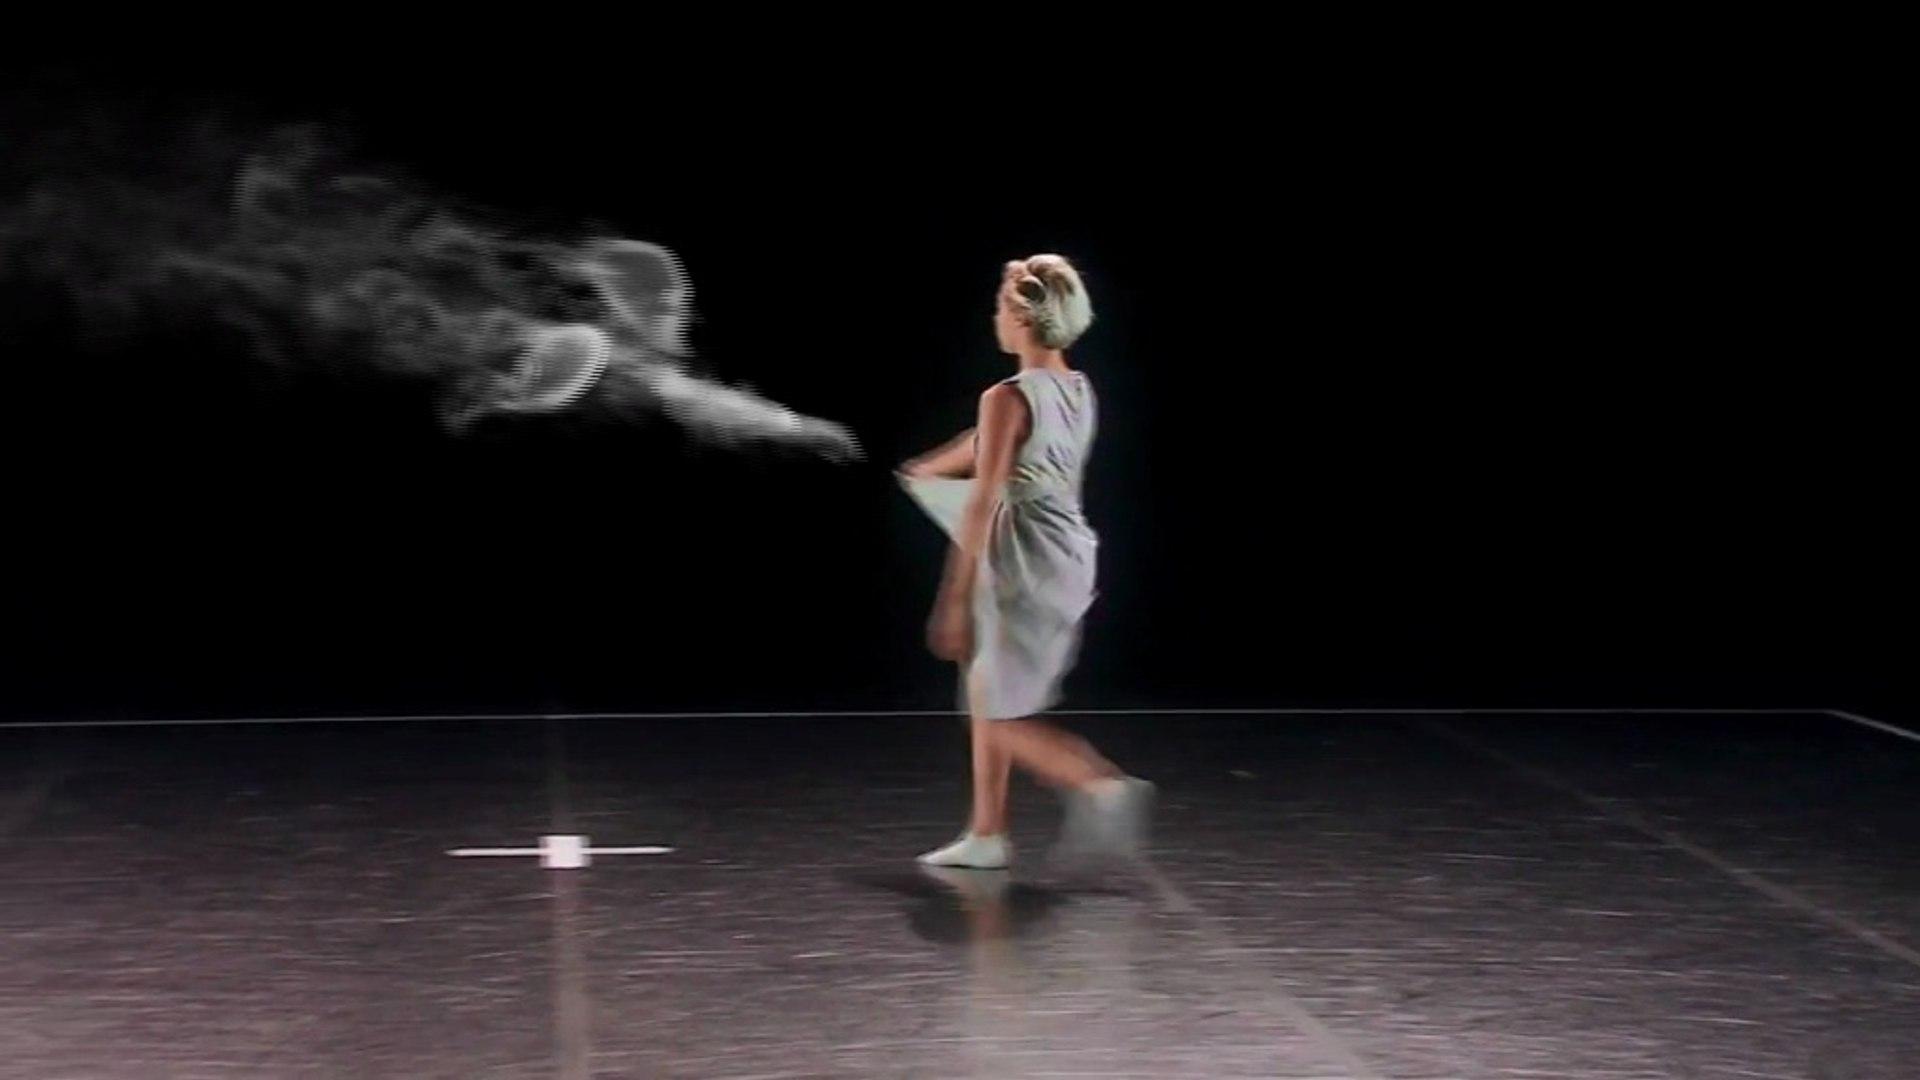 04.Danse la mort - video clip (DV-avi)